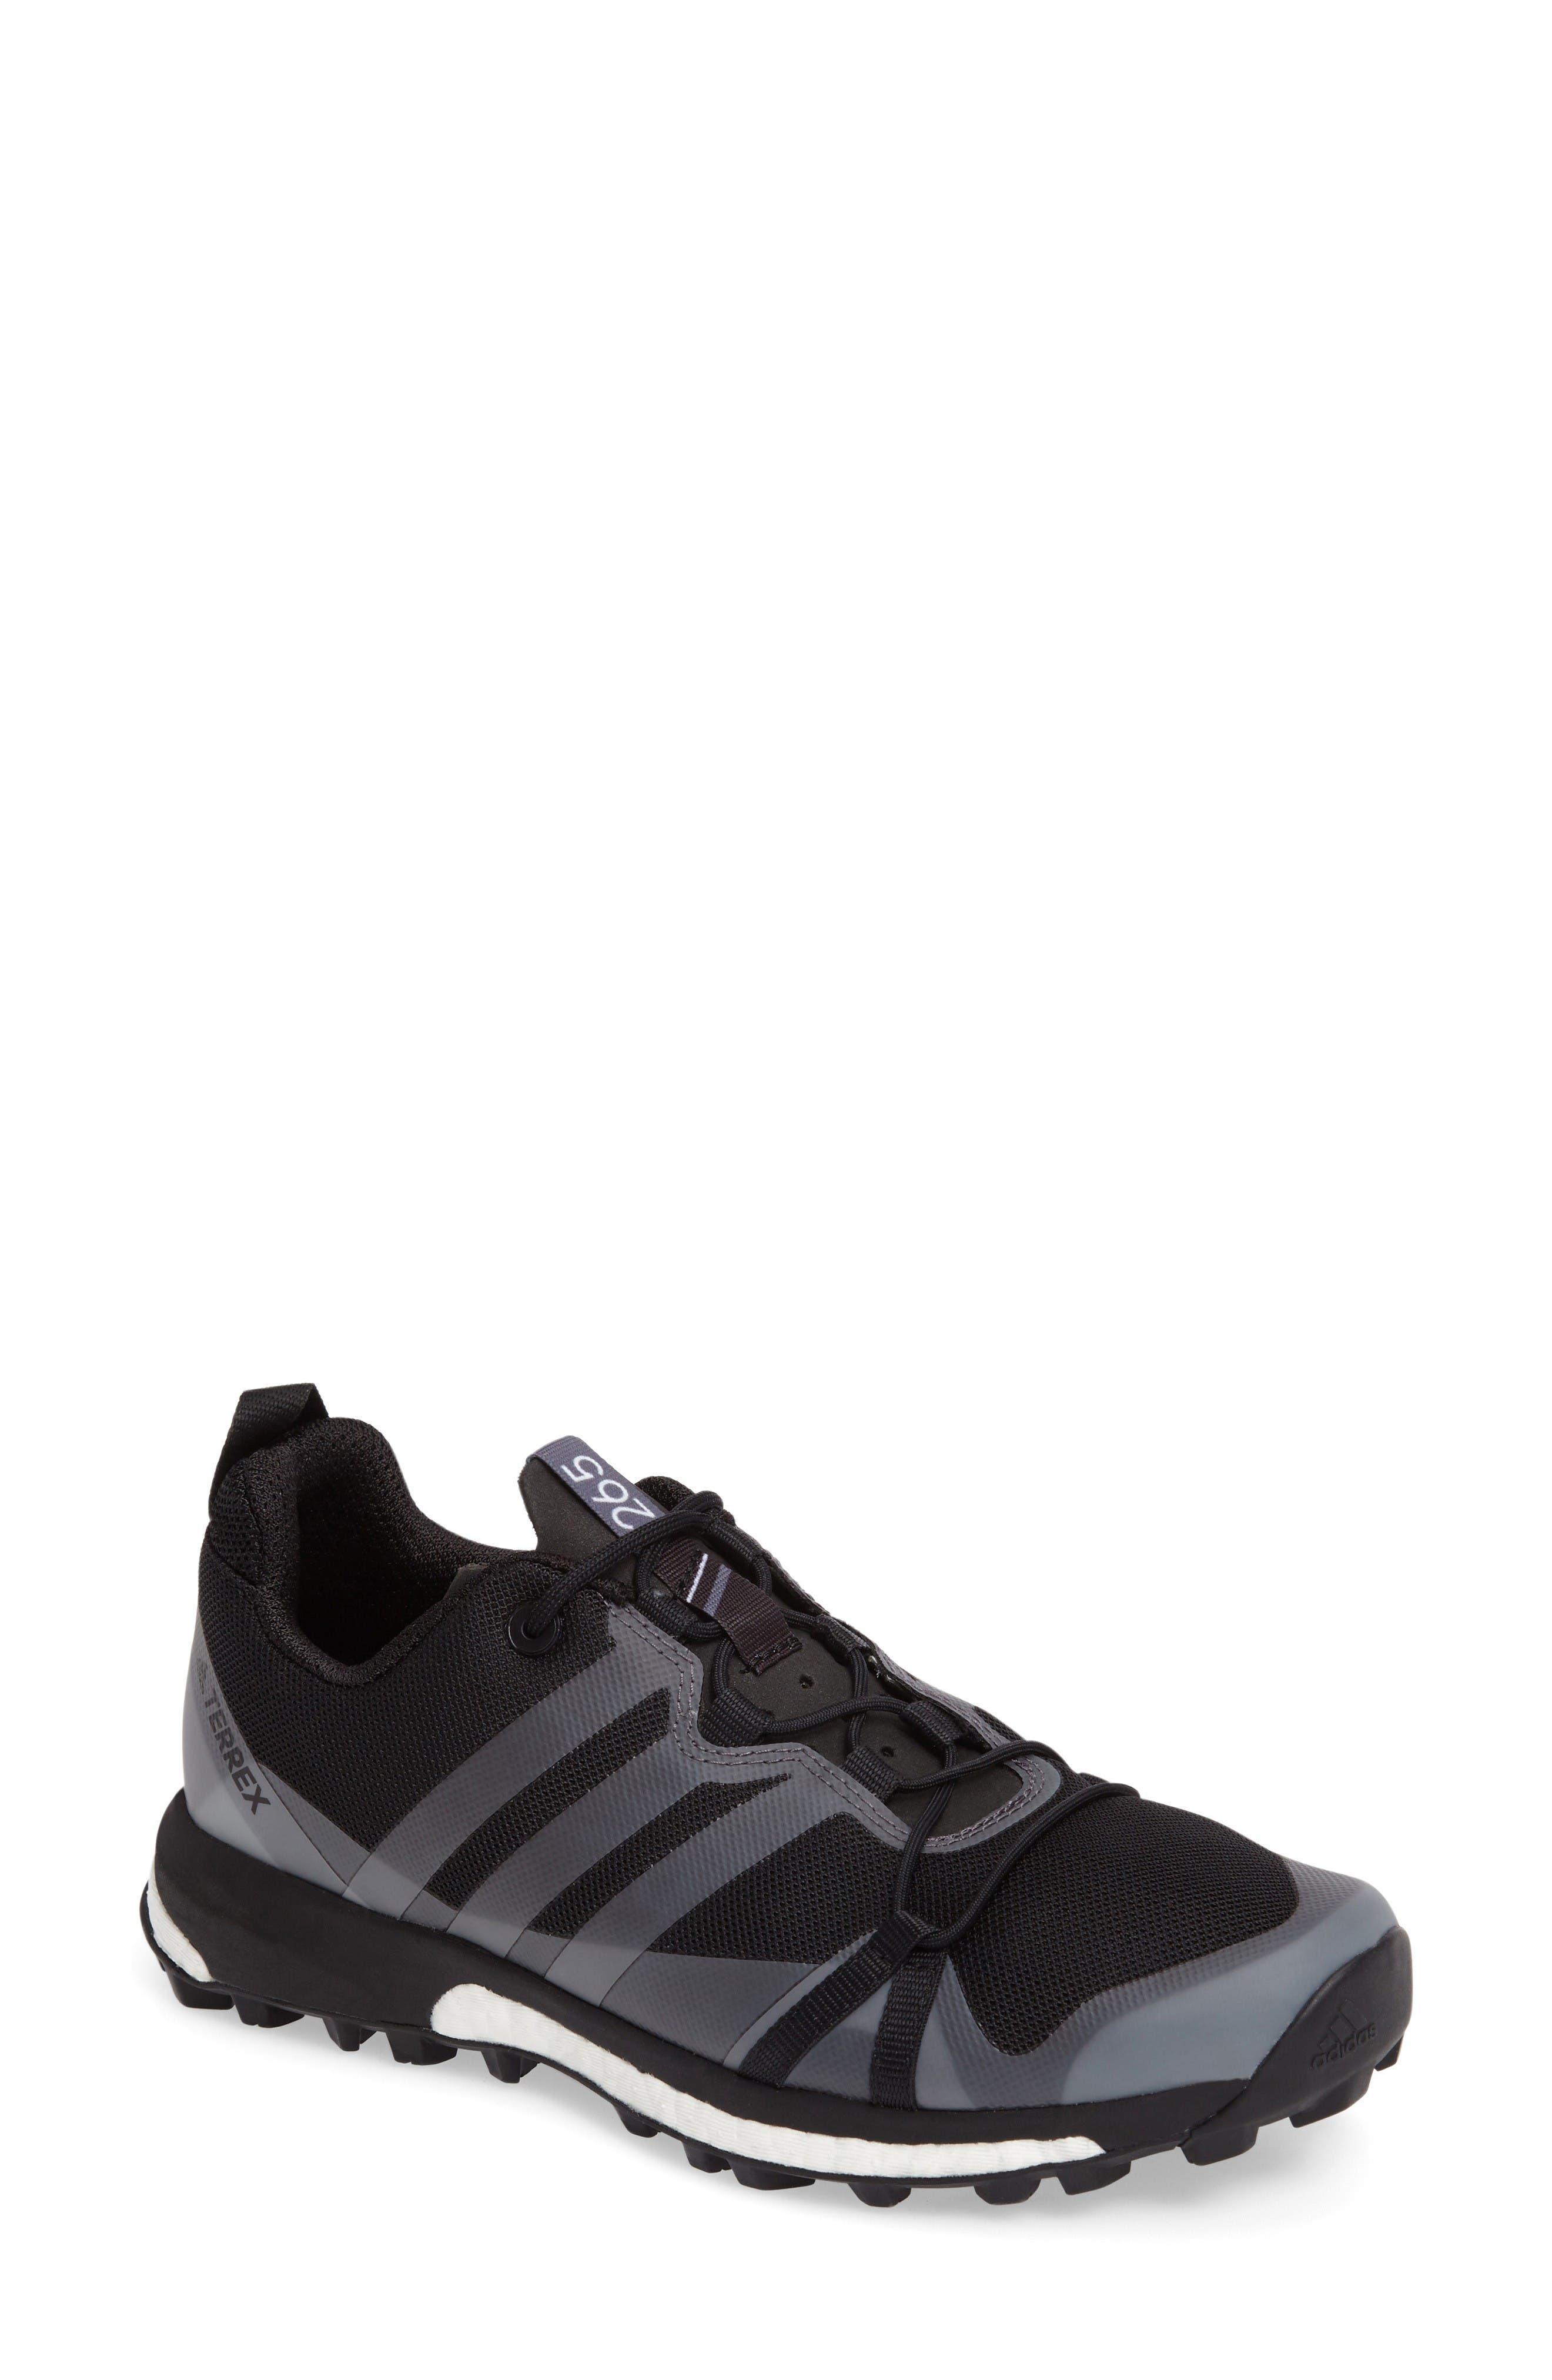 Alternate Image 1 Selected - adidas Terrex Agravic GTX Hiking Shoe (Women)